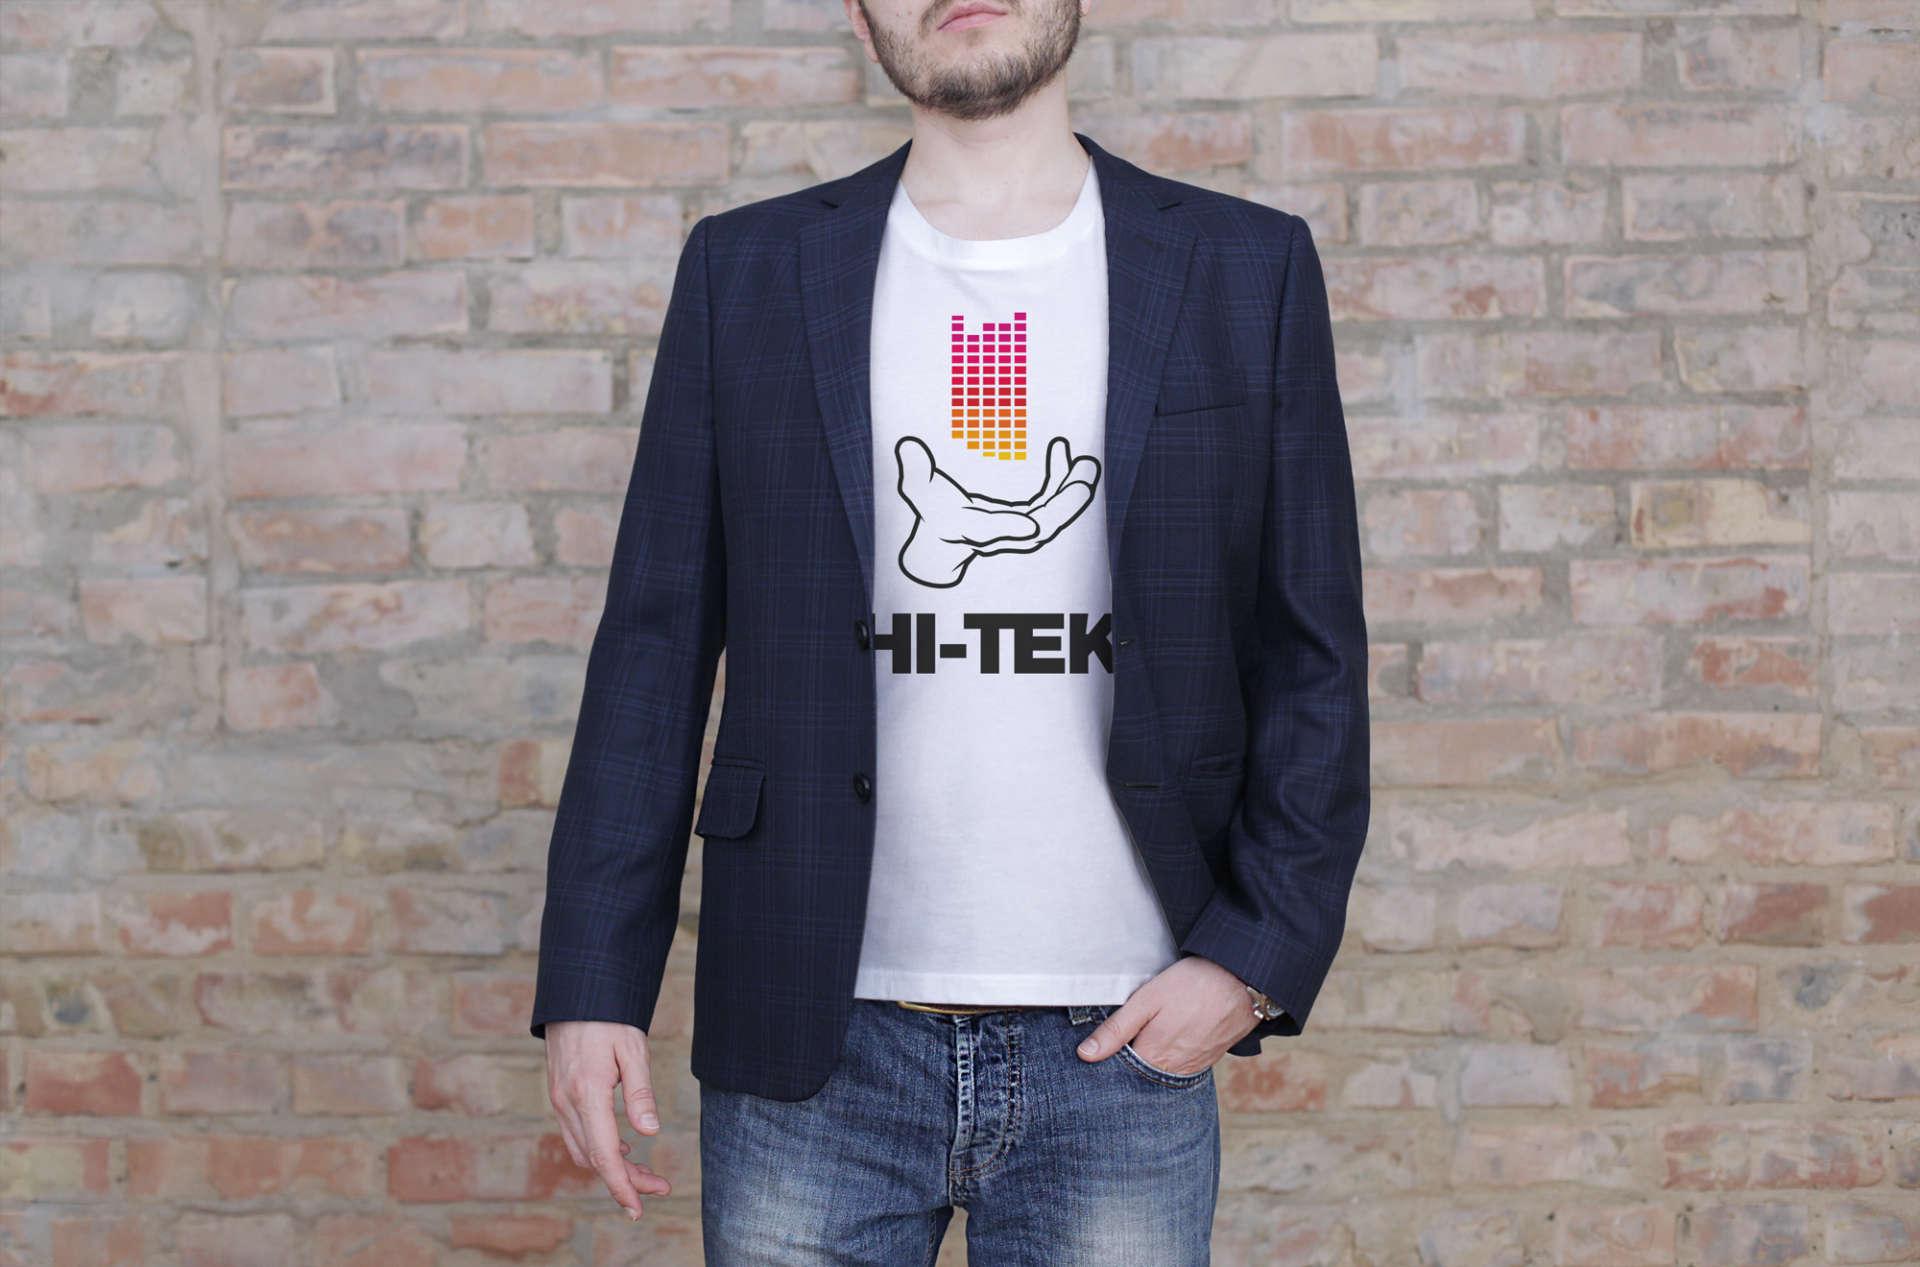 Hi-Tek-Mockup-Tshirt